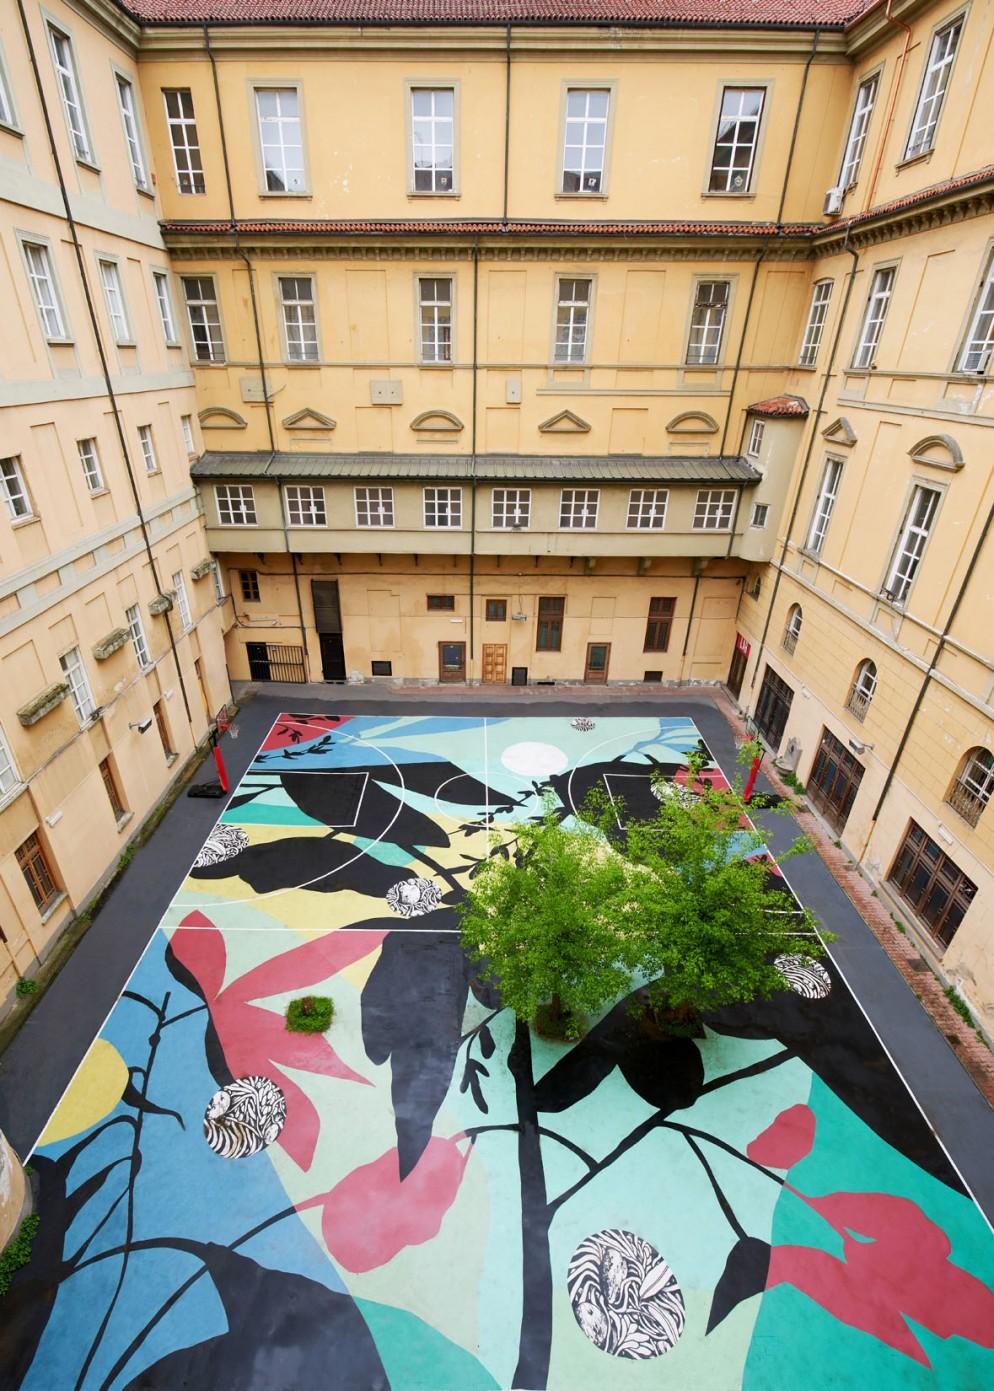 design-tour-torino-indirizzi-alberghi-ristoranti-musei-gallerie-20